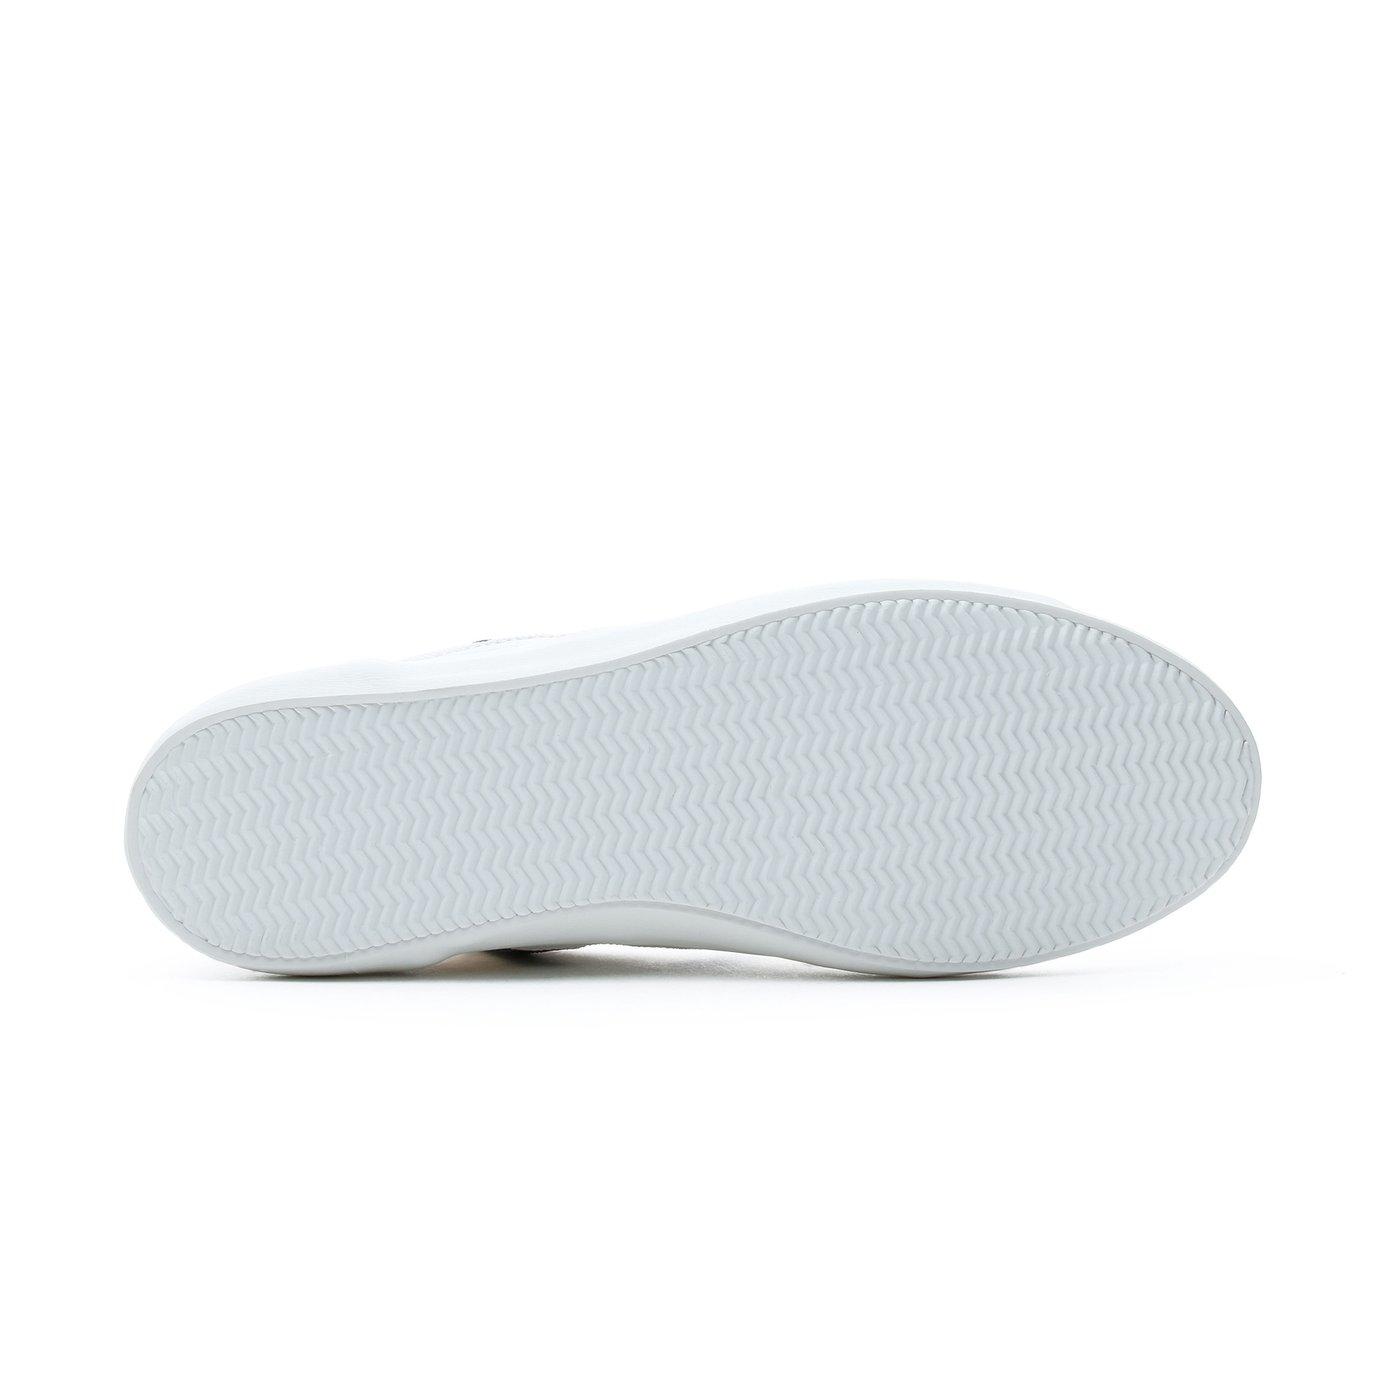 Lacoste Erkek Krem - Siyah Sideline 119 1 Casual Ayakkabı